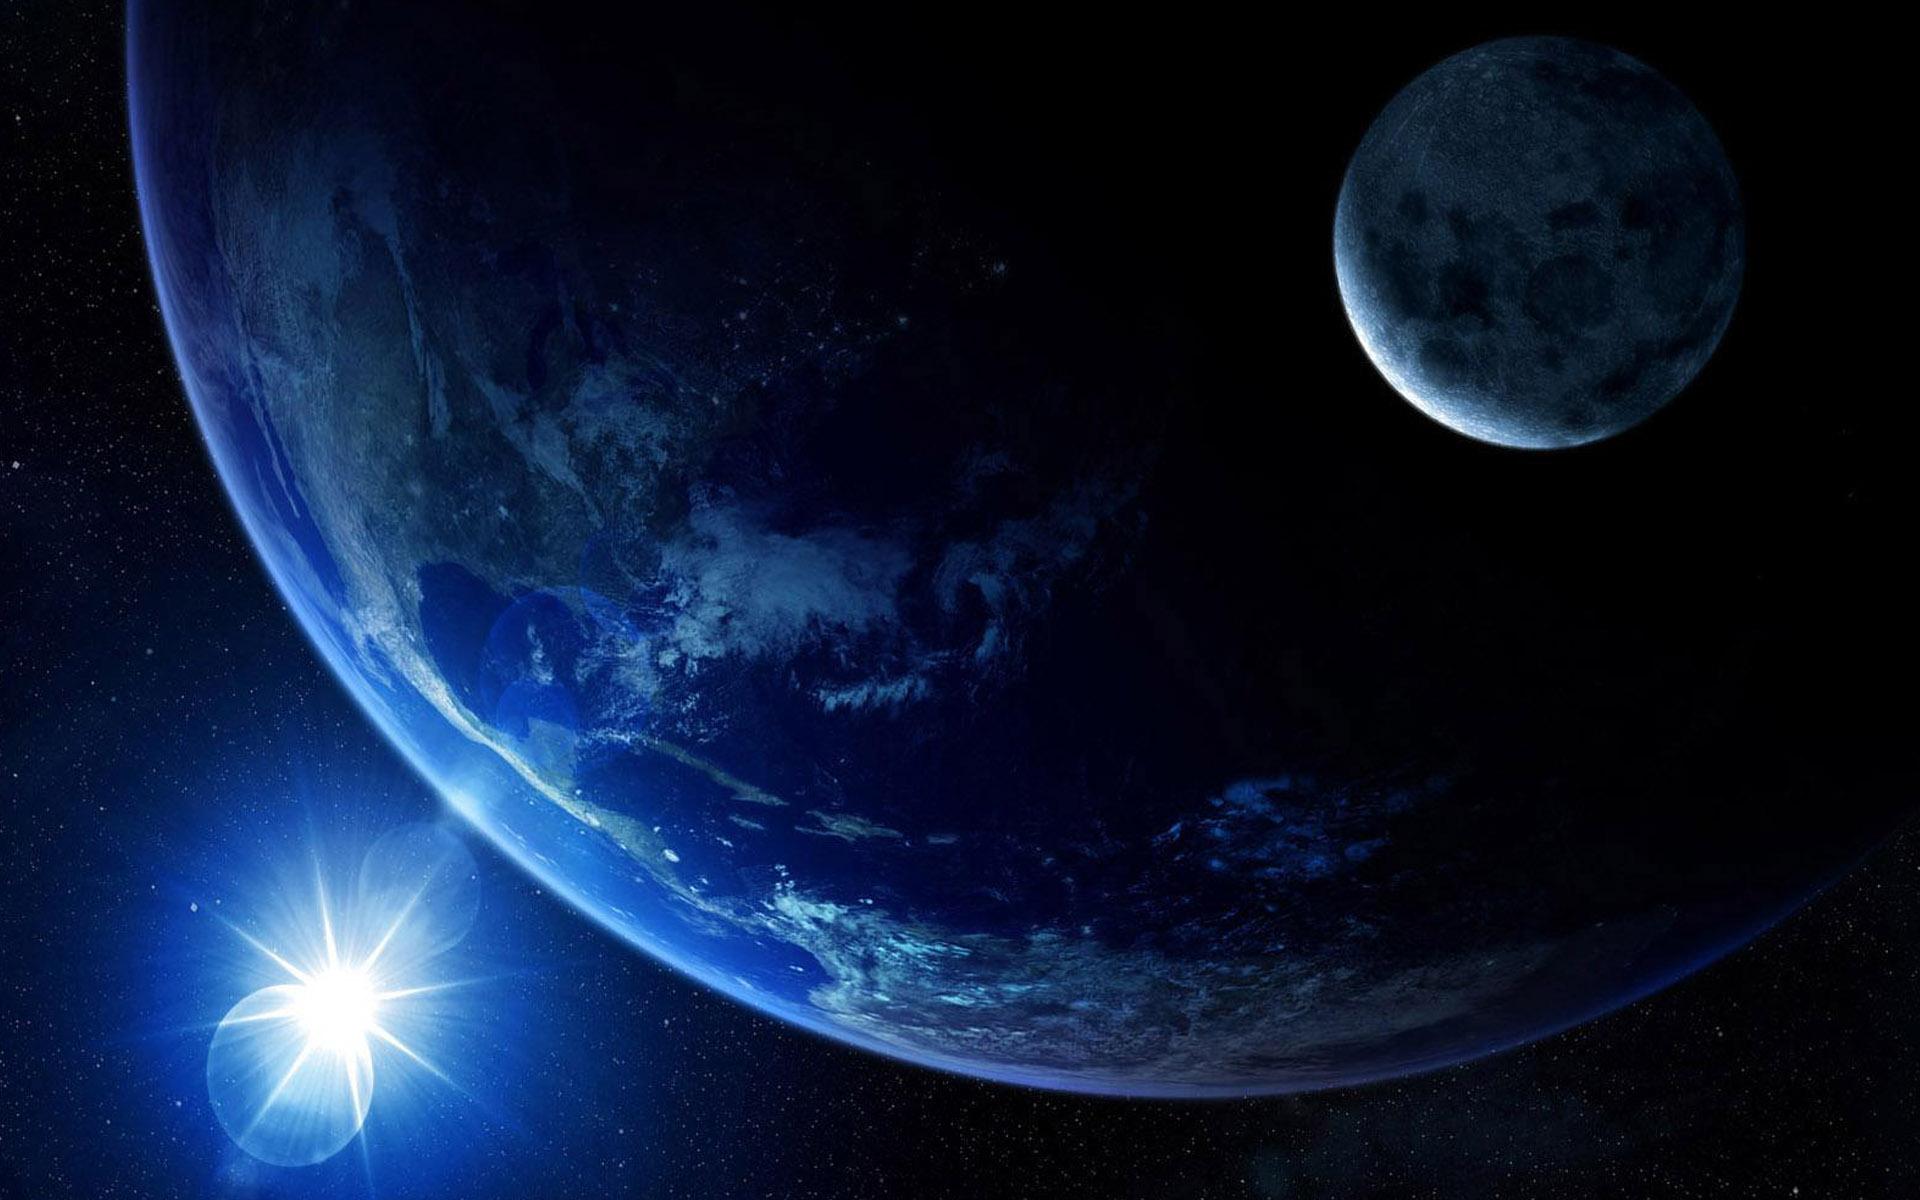 земля из космоса фото в высоком разрешении